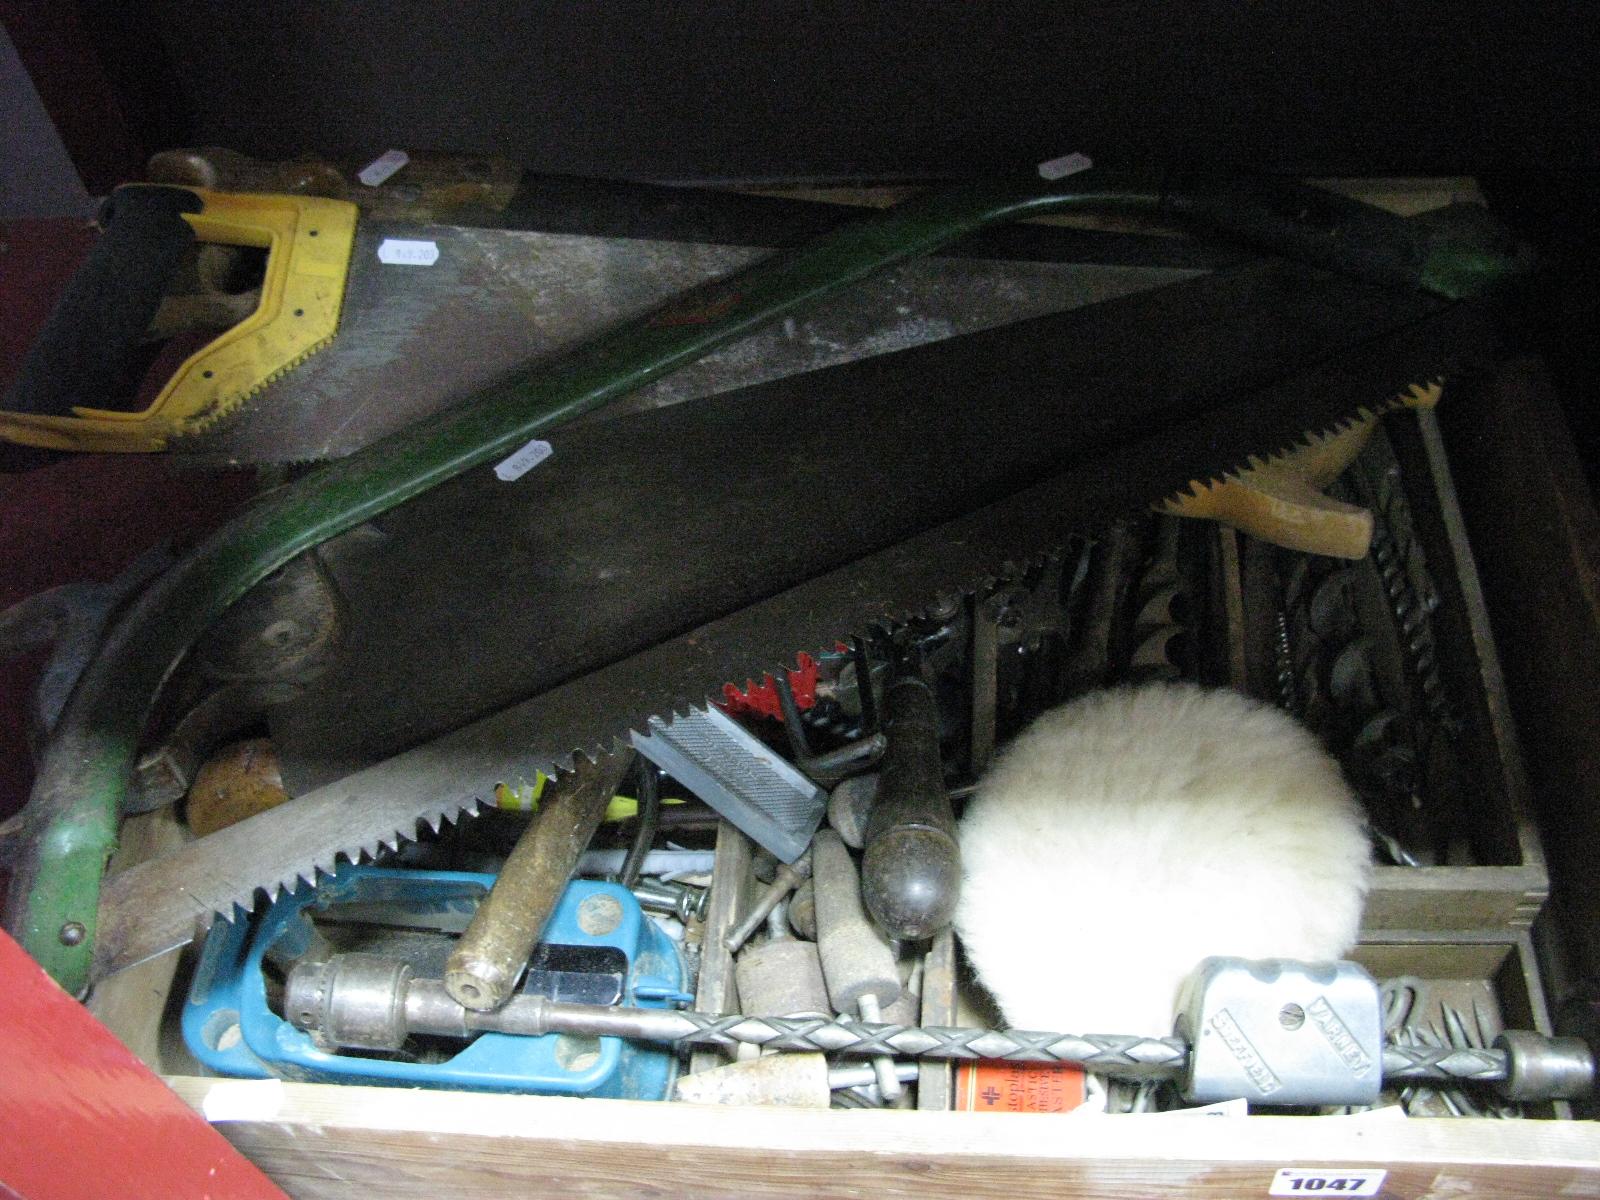 Lot 1047 - Chisels, pliers, bib-brace, drill parts.